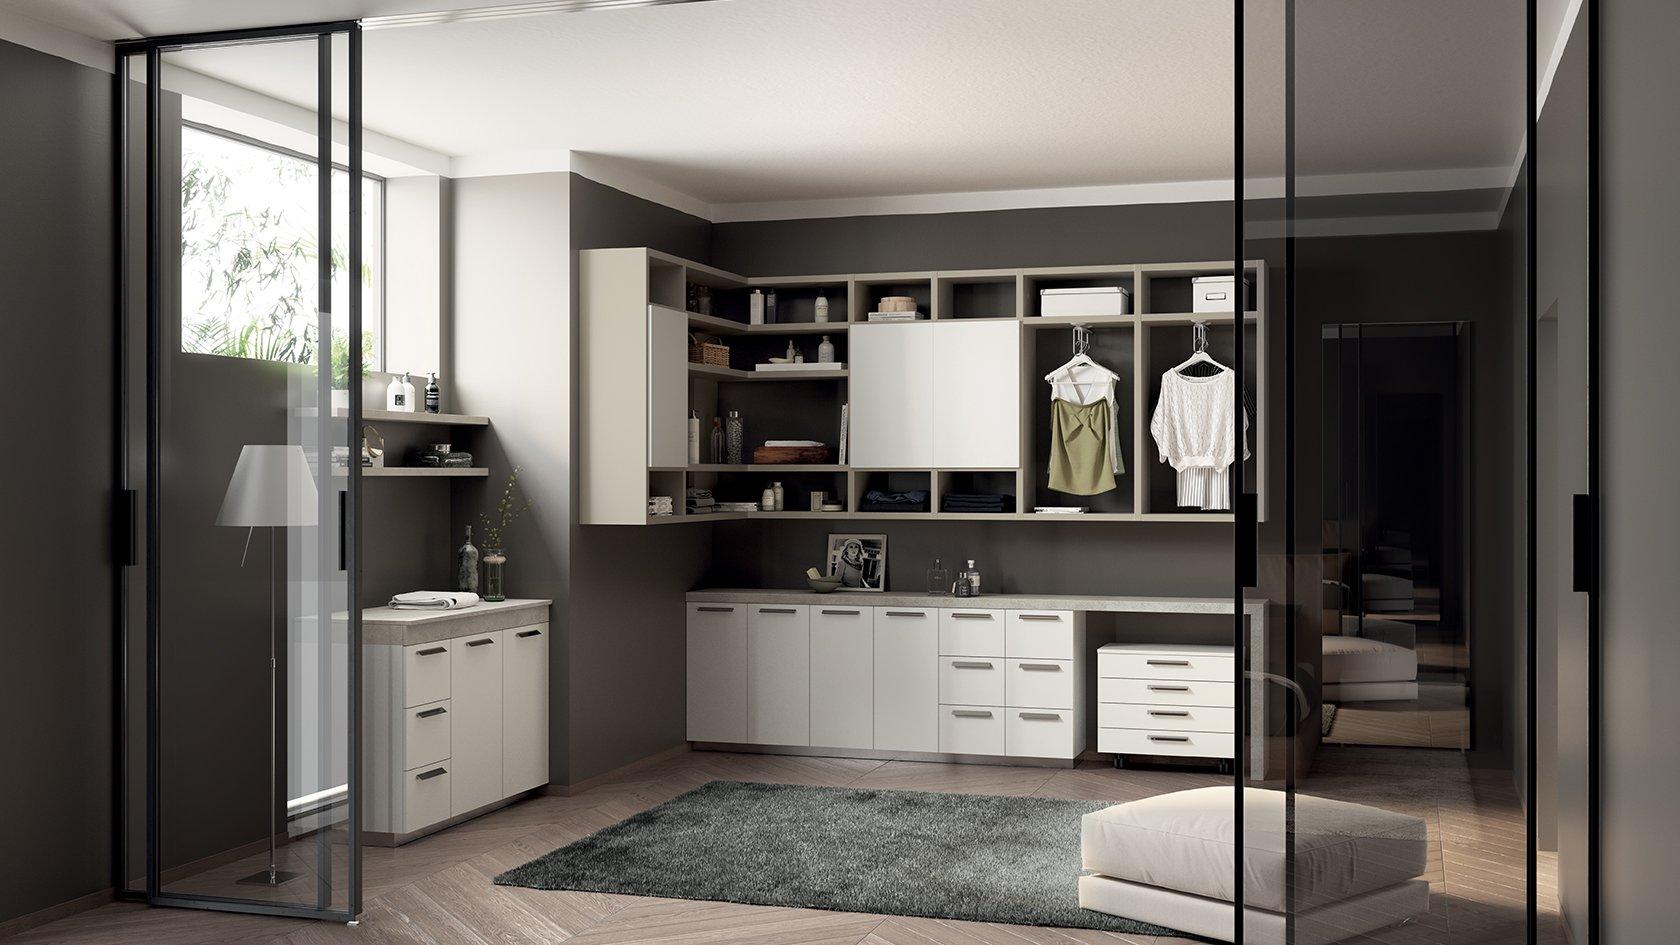 Vano Lavanderia In Bagno : Arredo e mobili per il bagno bellizzi sa montella prisma arredo